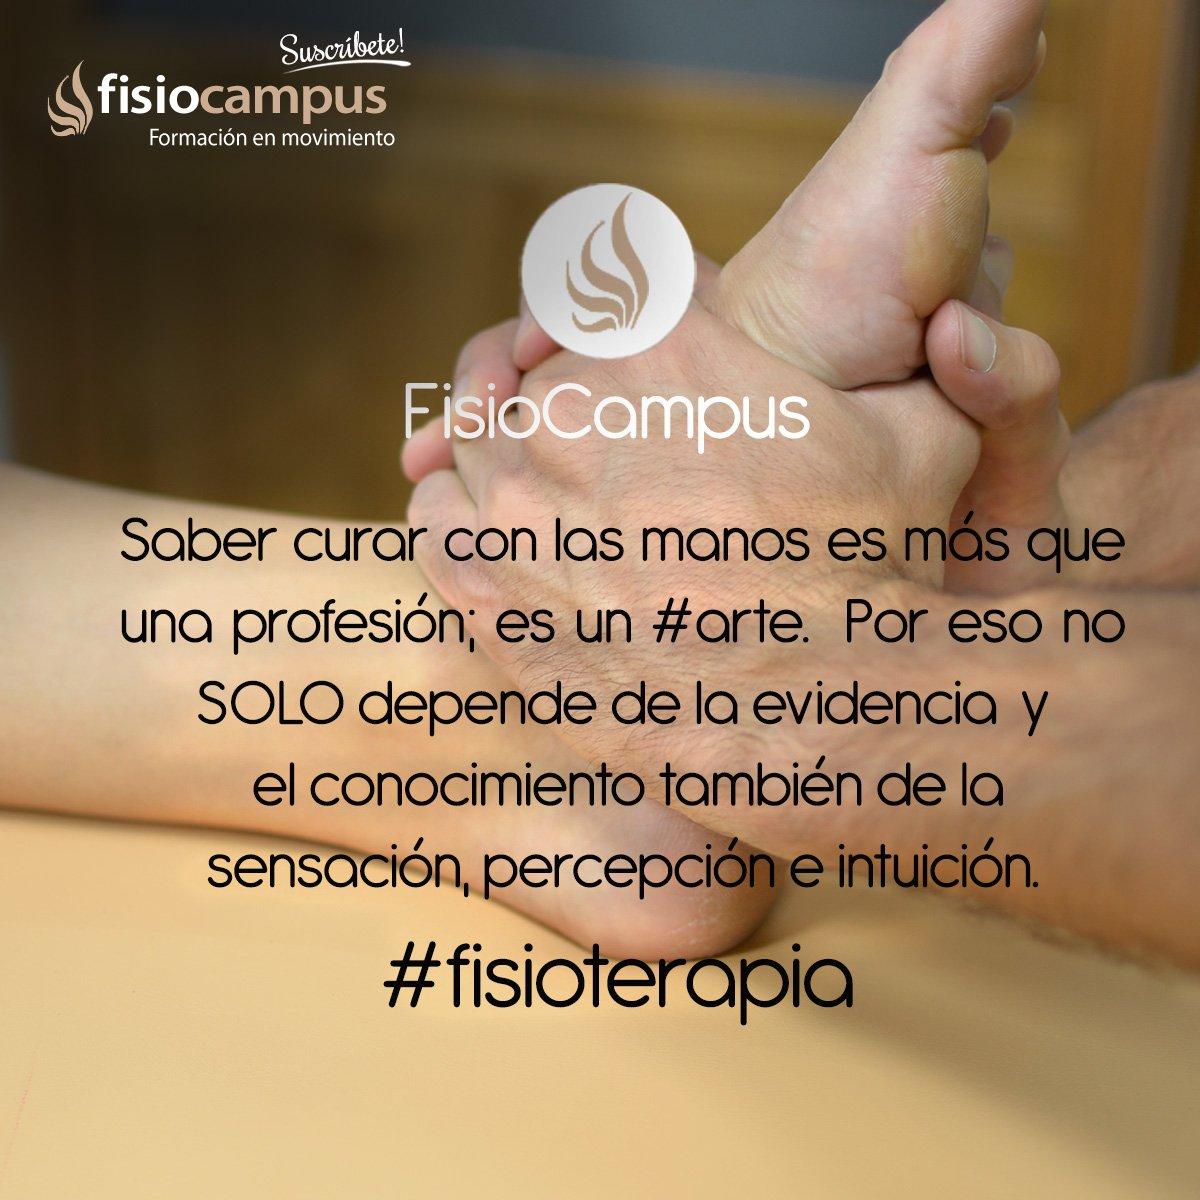 Fisiocampus No Twitter La Frase De Hoy Fisioterapia